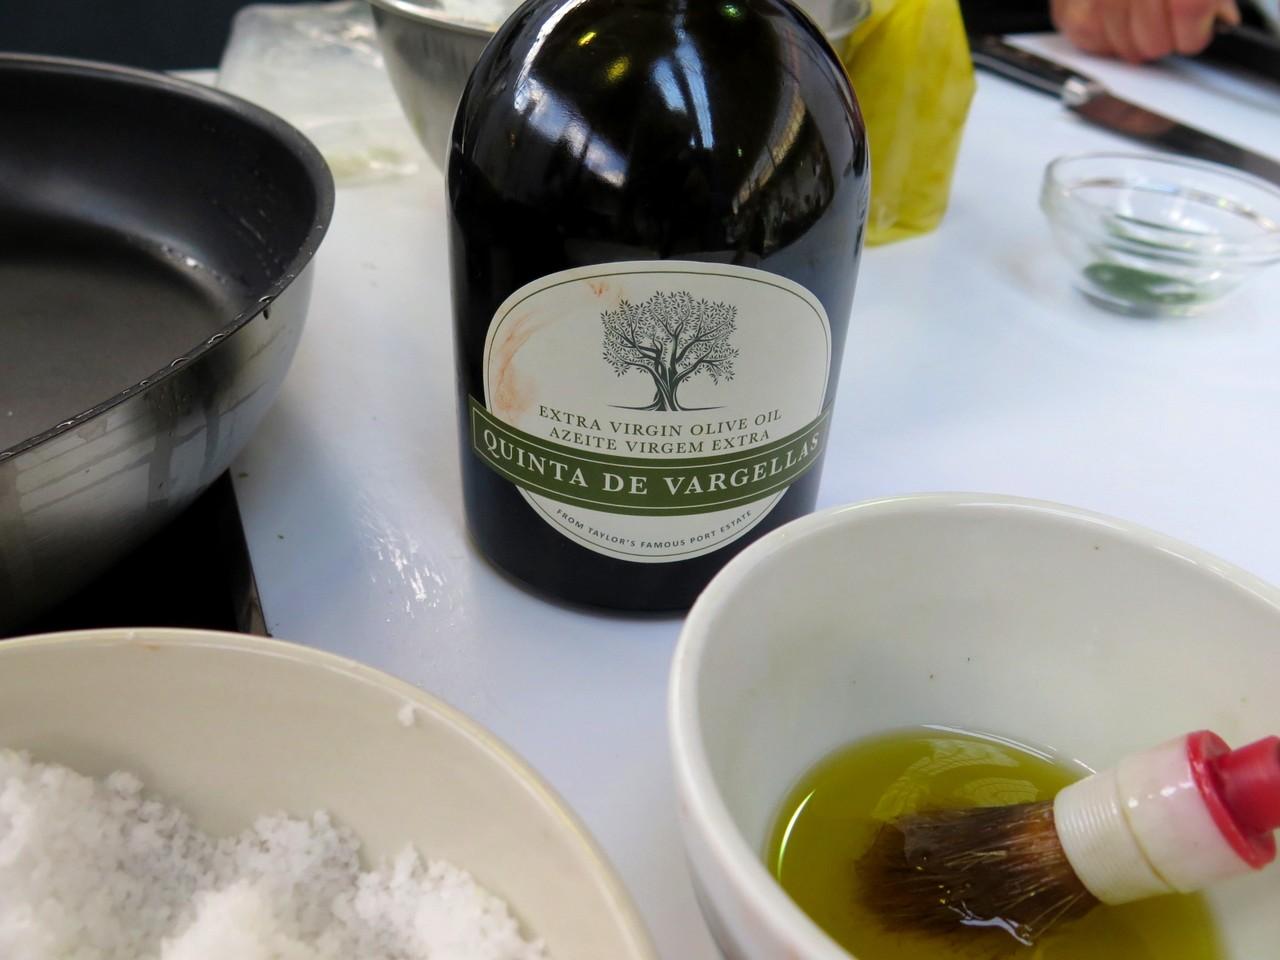 Azeite da Quinta de Vargellas